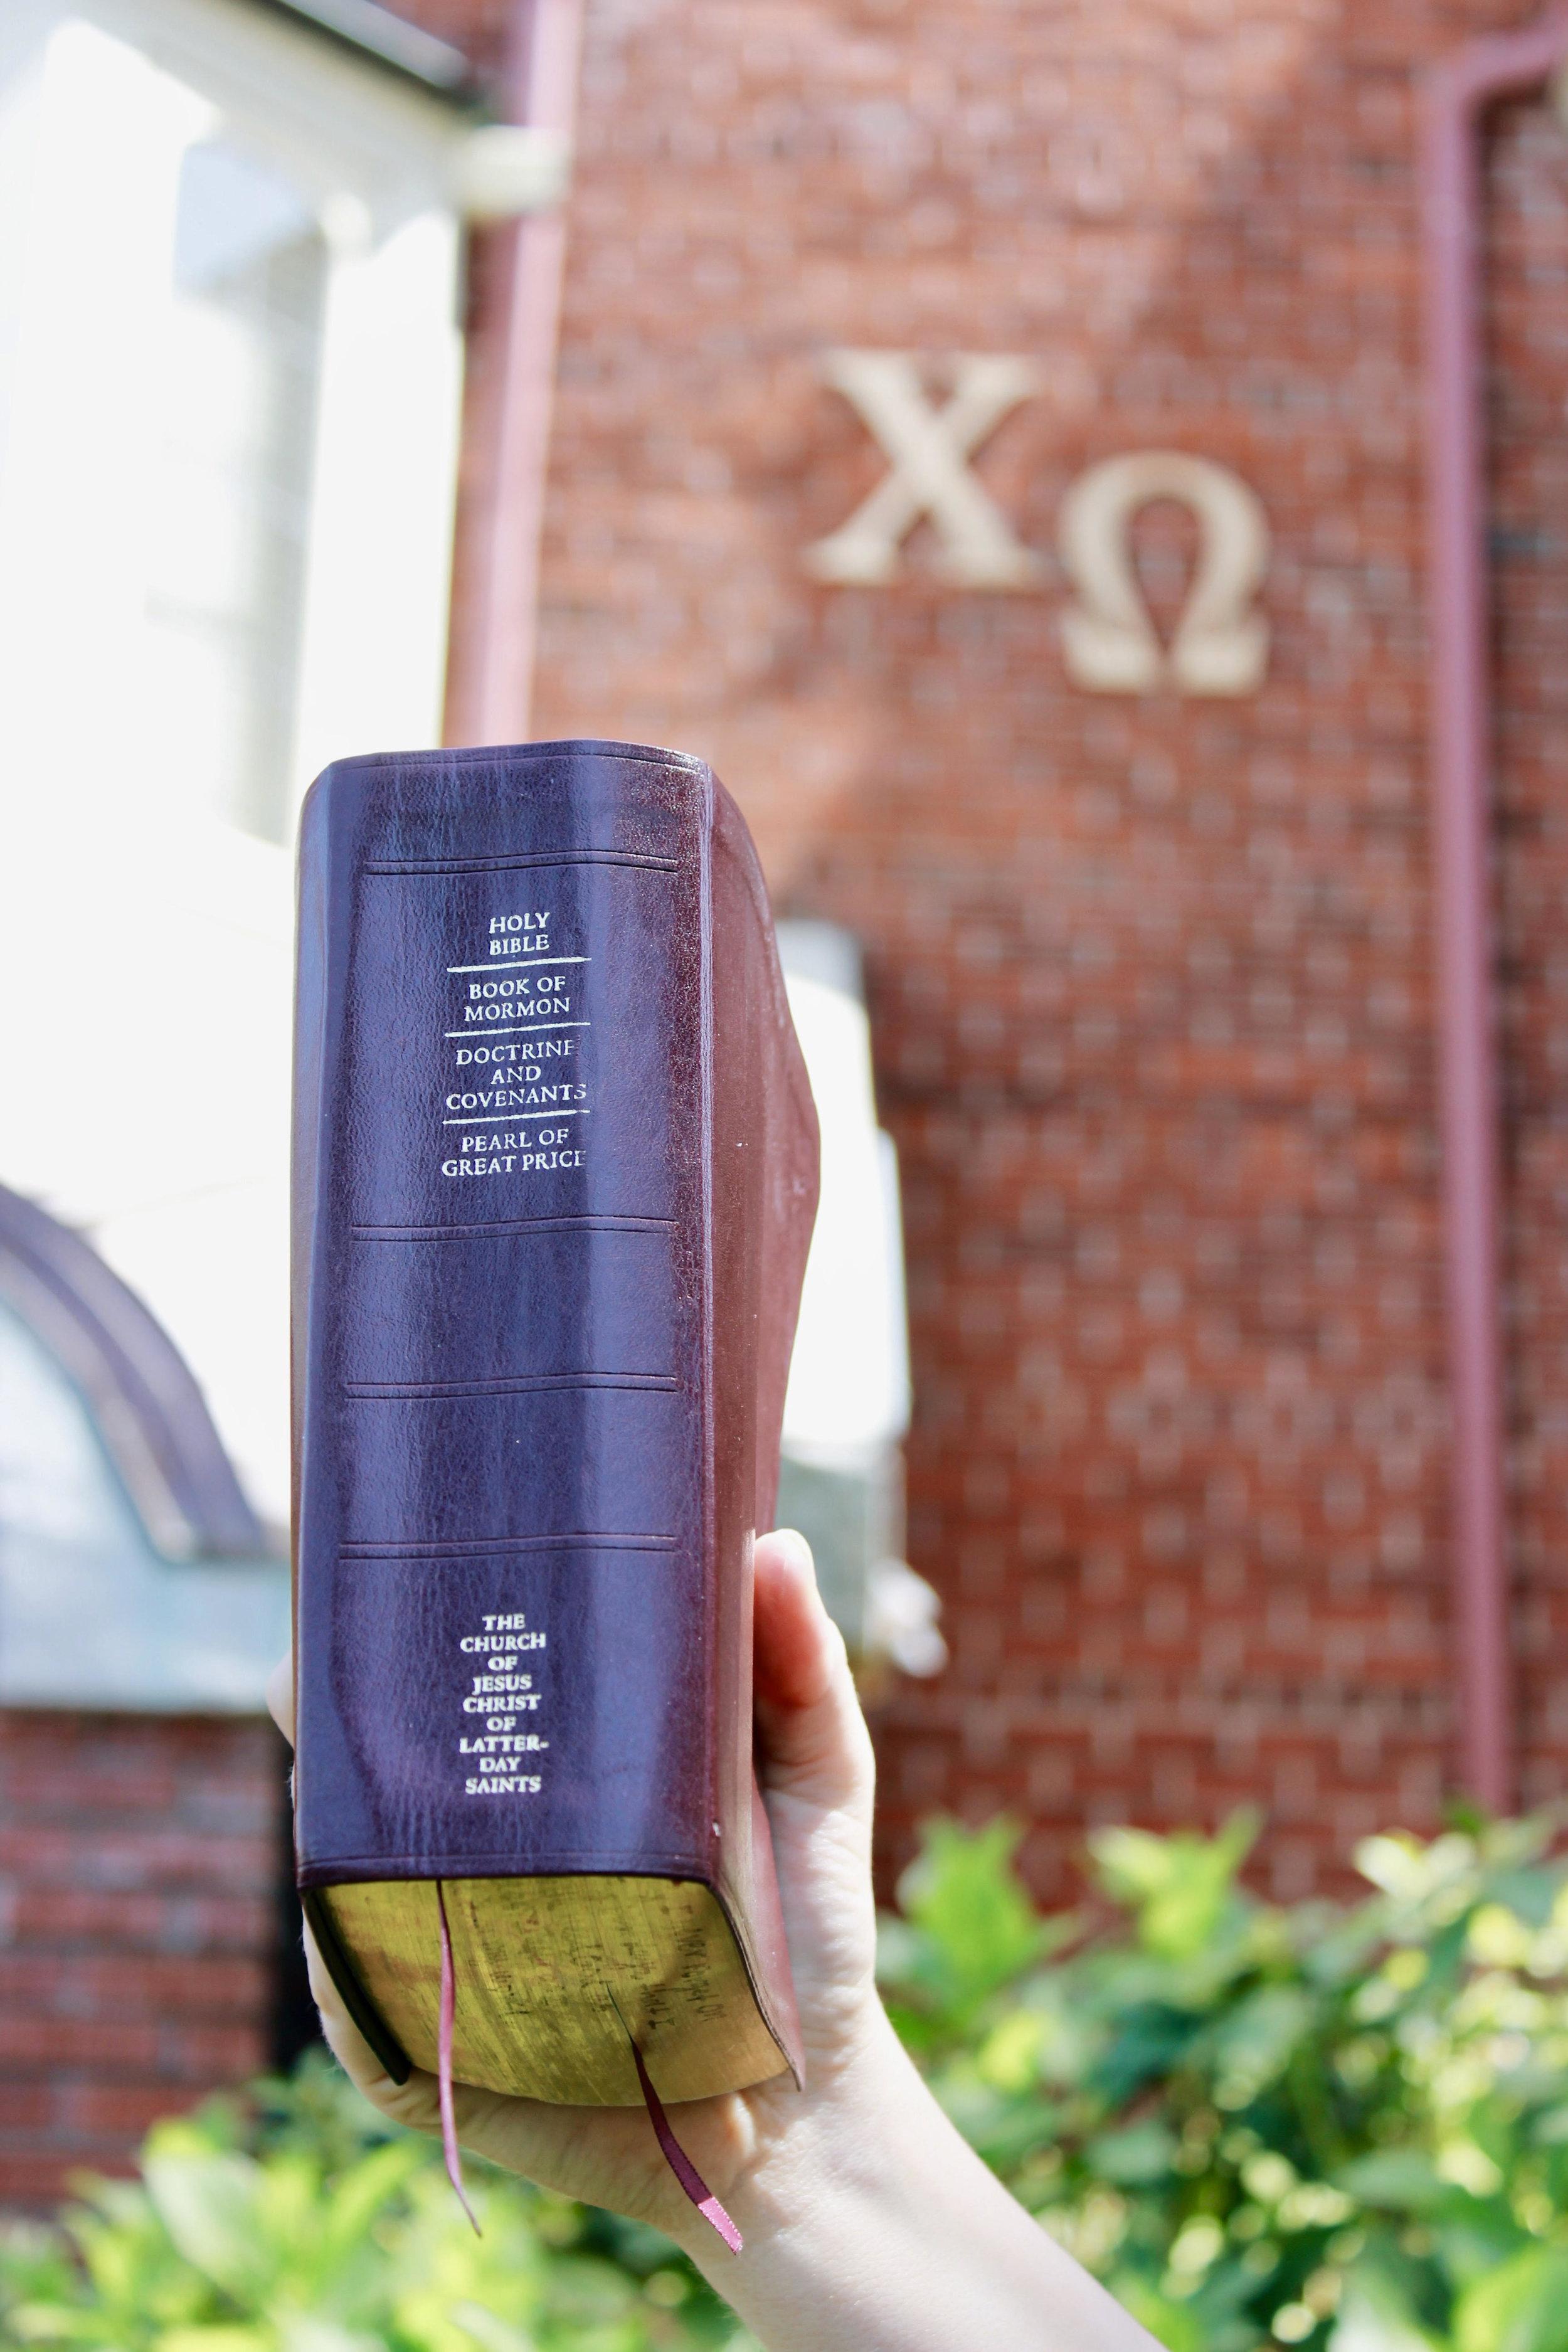 book or mormon